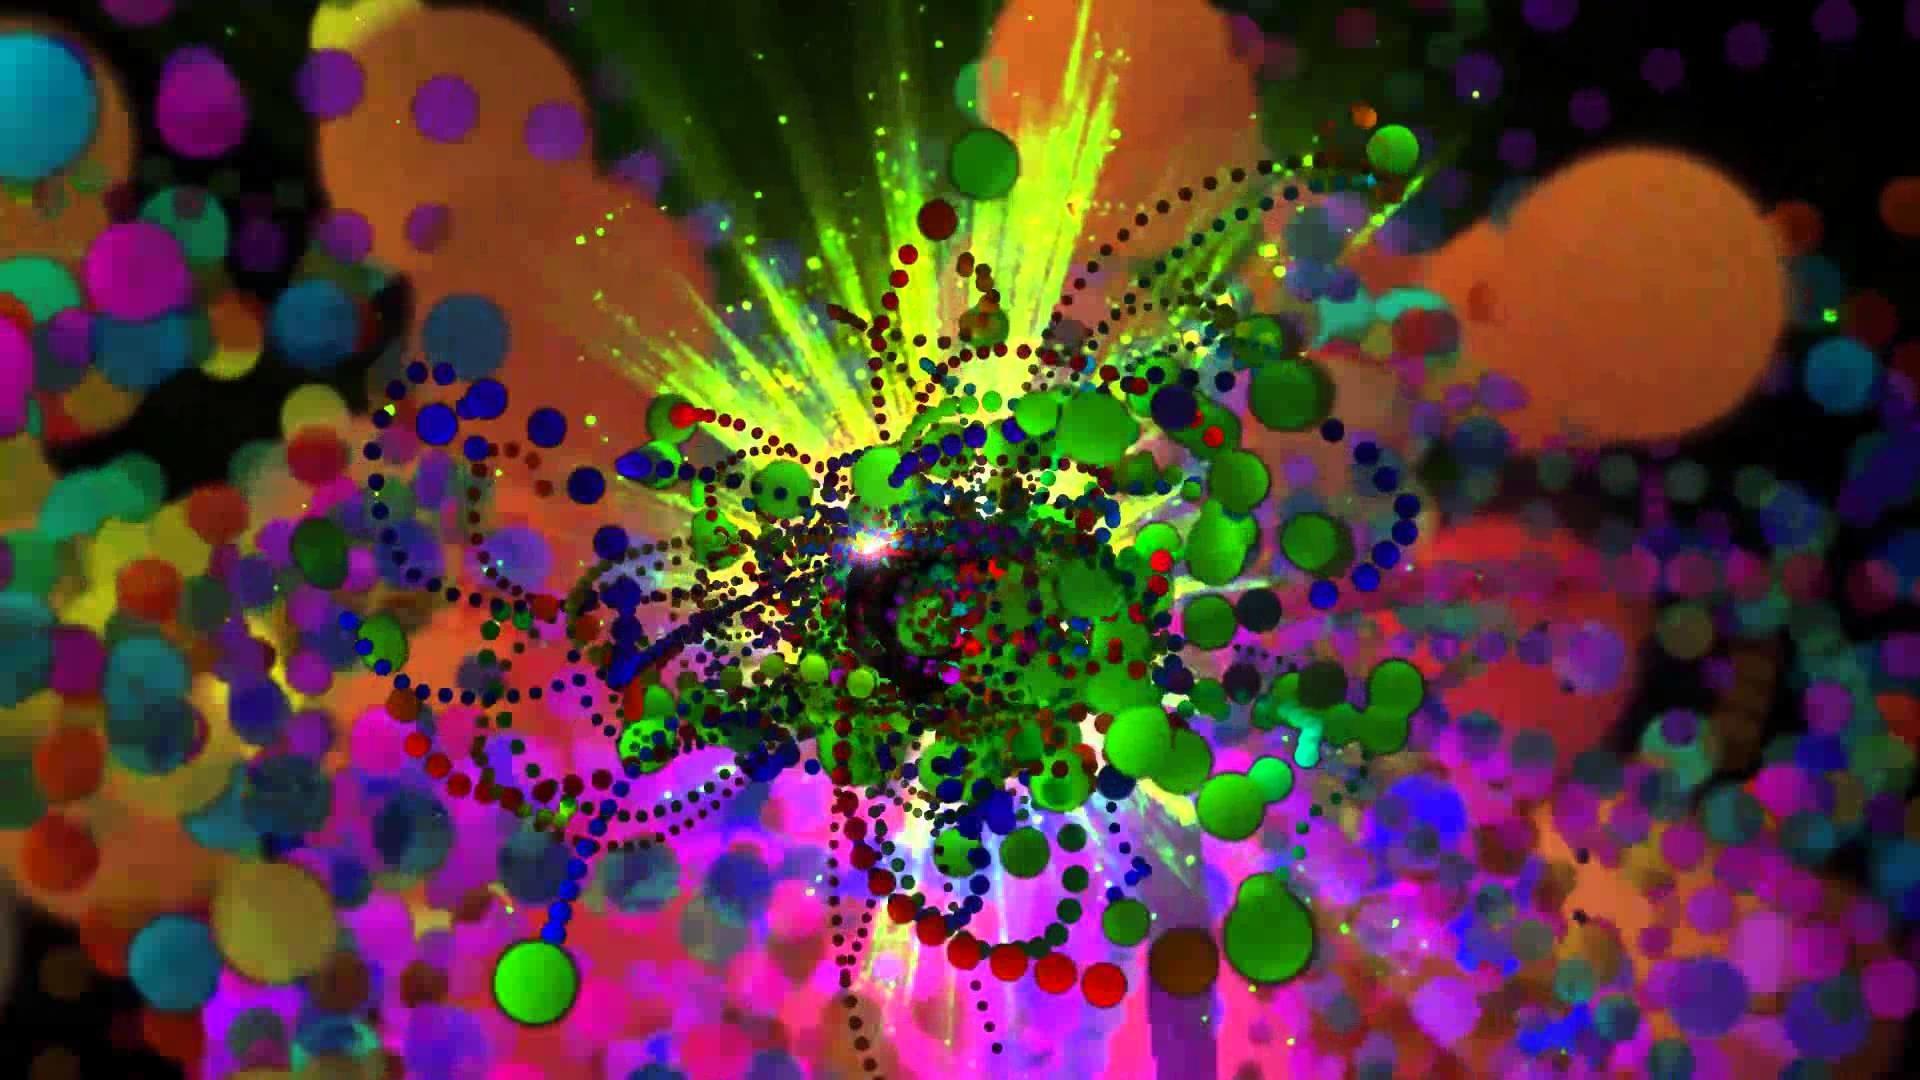 paint splat wallpaper  74  images